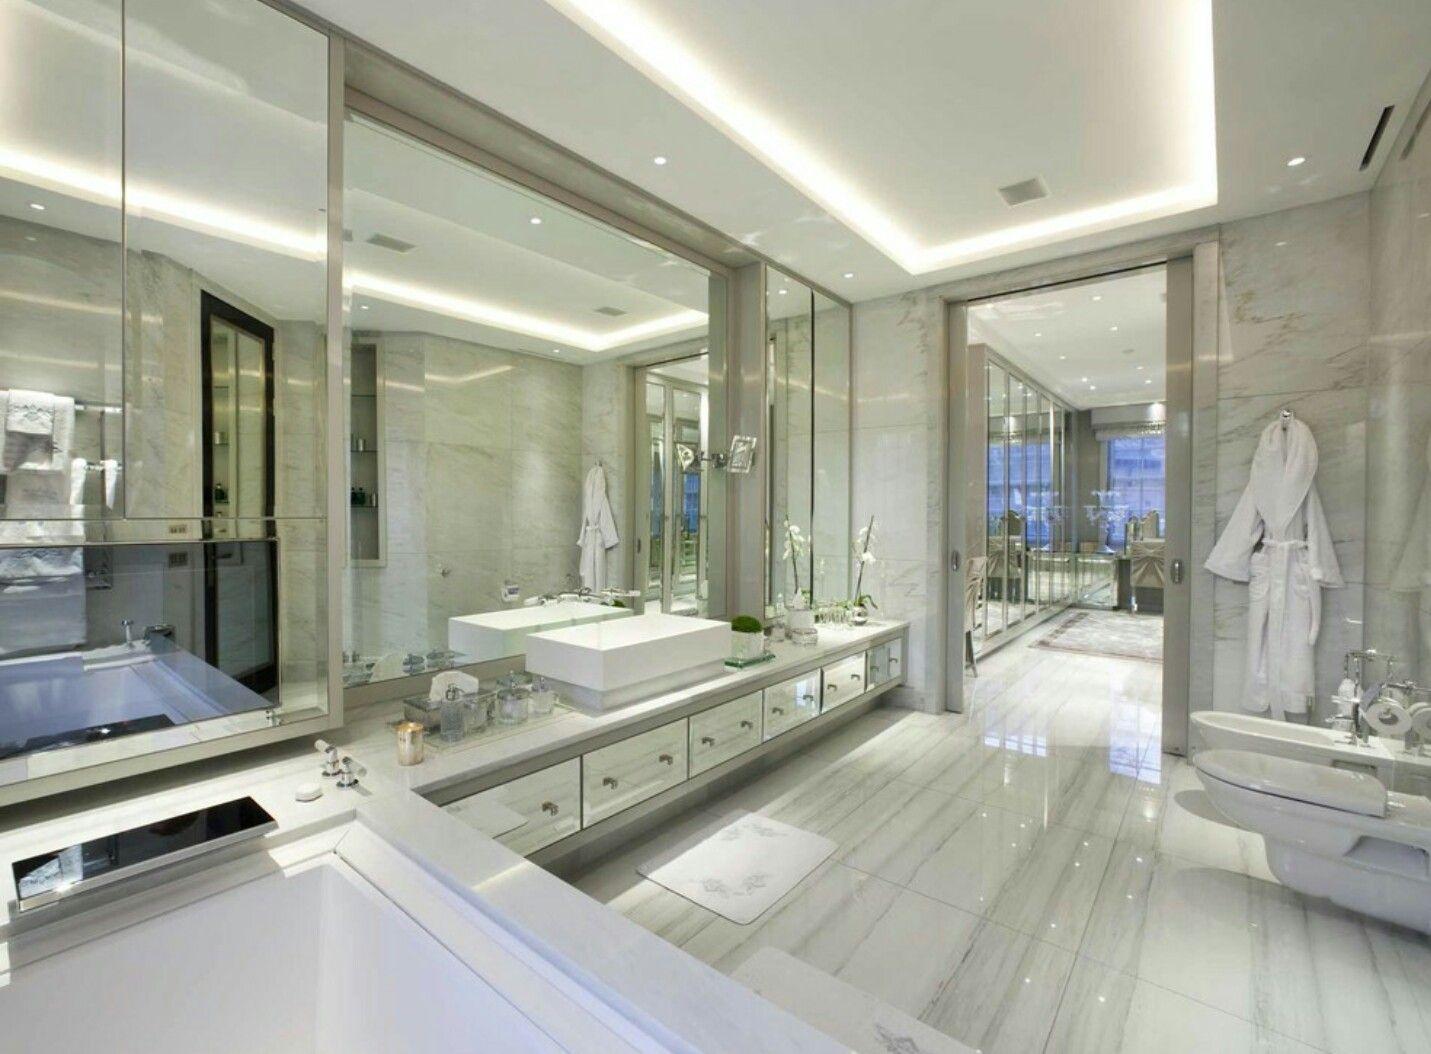 Große Bäder, Luxus Badezimmer, Große Badezimmer, Lebensstil, Wohnträume,  Architekten, Badezimmer, Träume